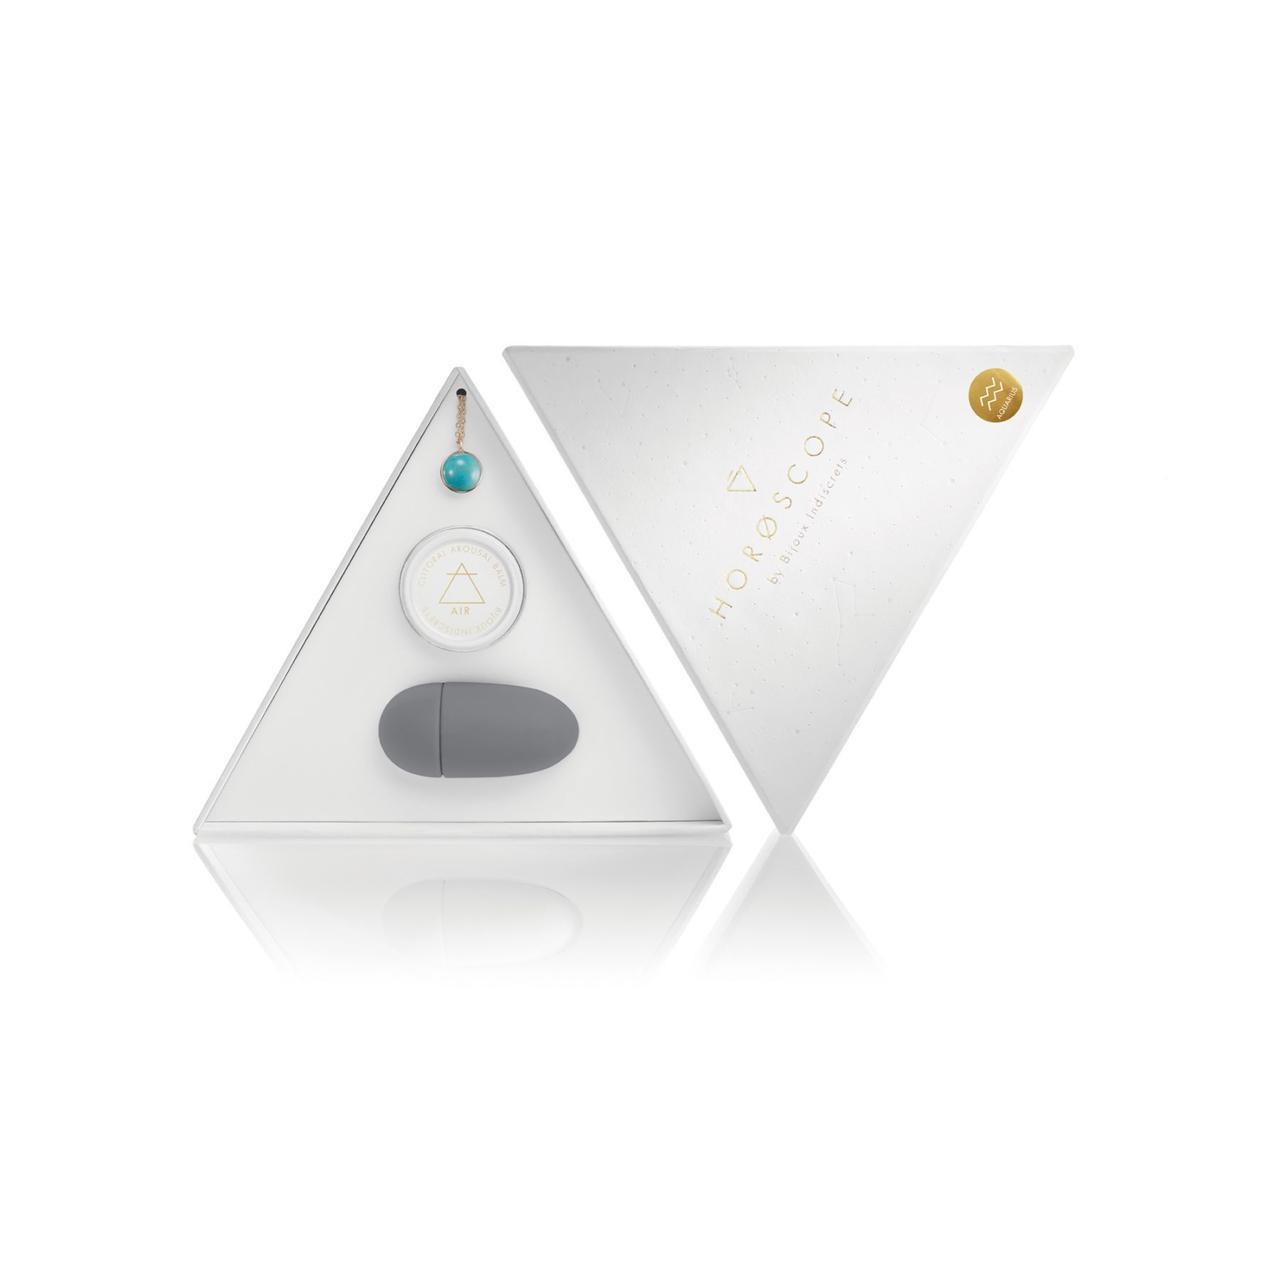 Набор Bijoux Indiscrets HOROSCOPE - Aquarius (Водолей) вибратор на палец, гель для клитора, подвеска